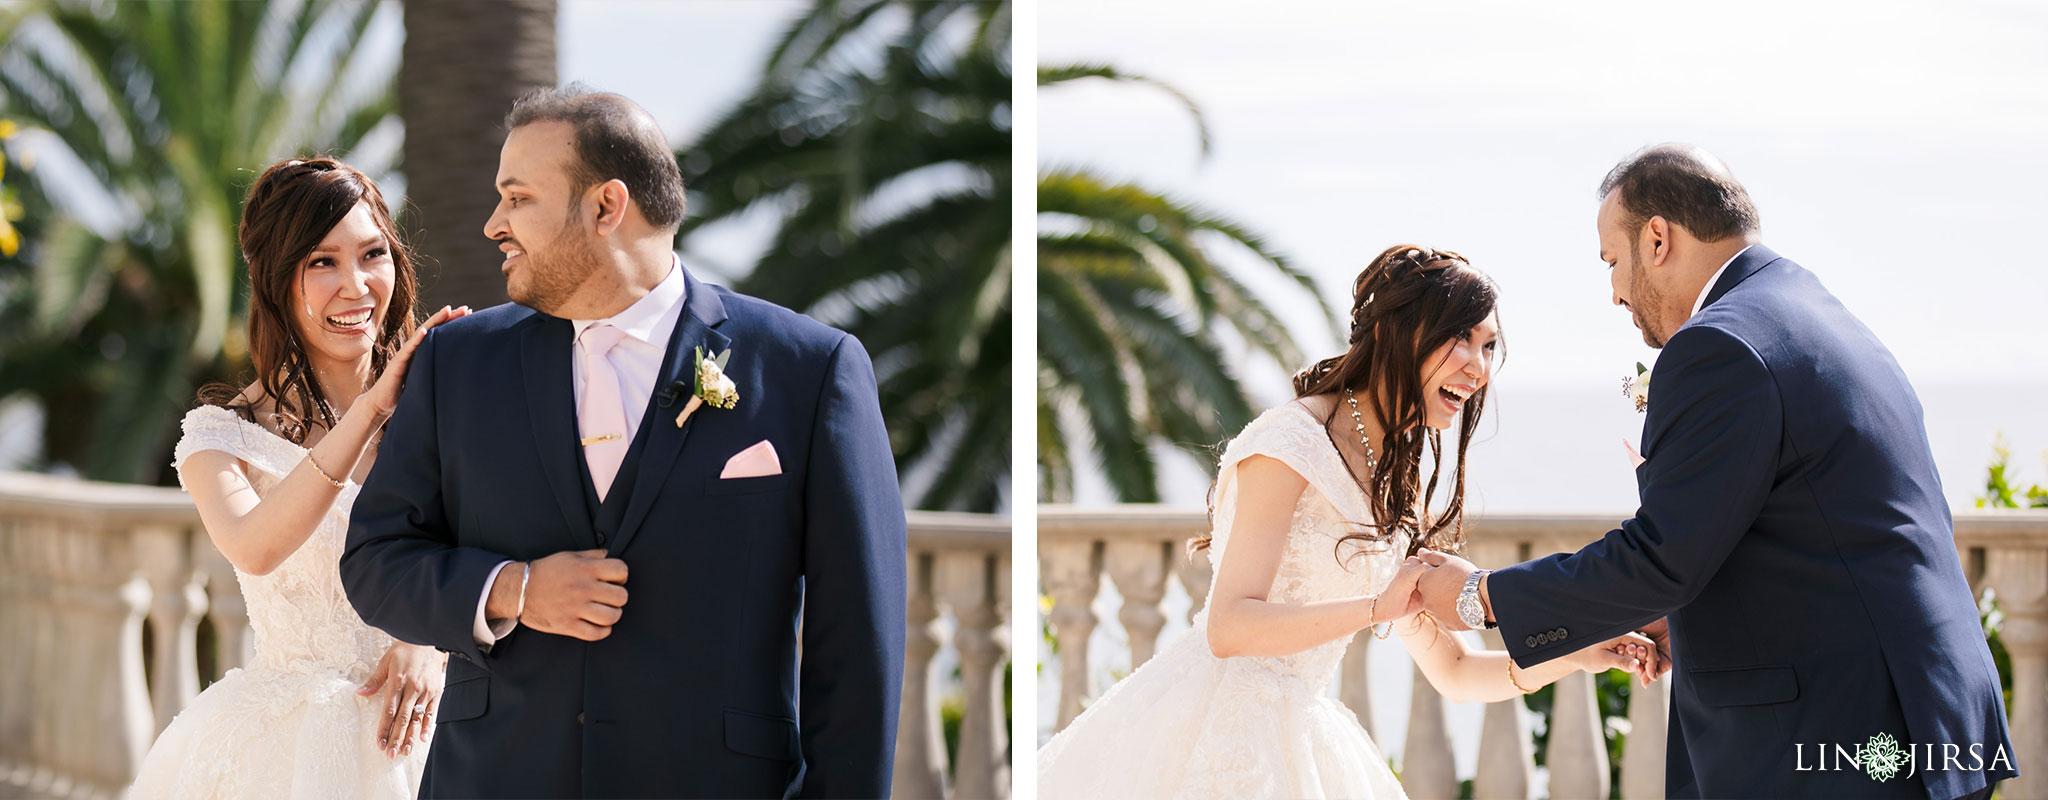 11 Bel Air Bay Club Los Angeles Wedding Photography